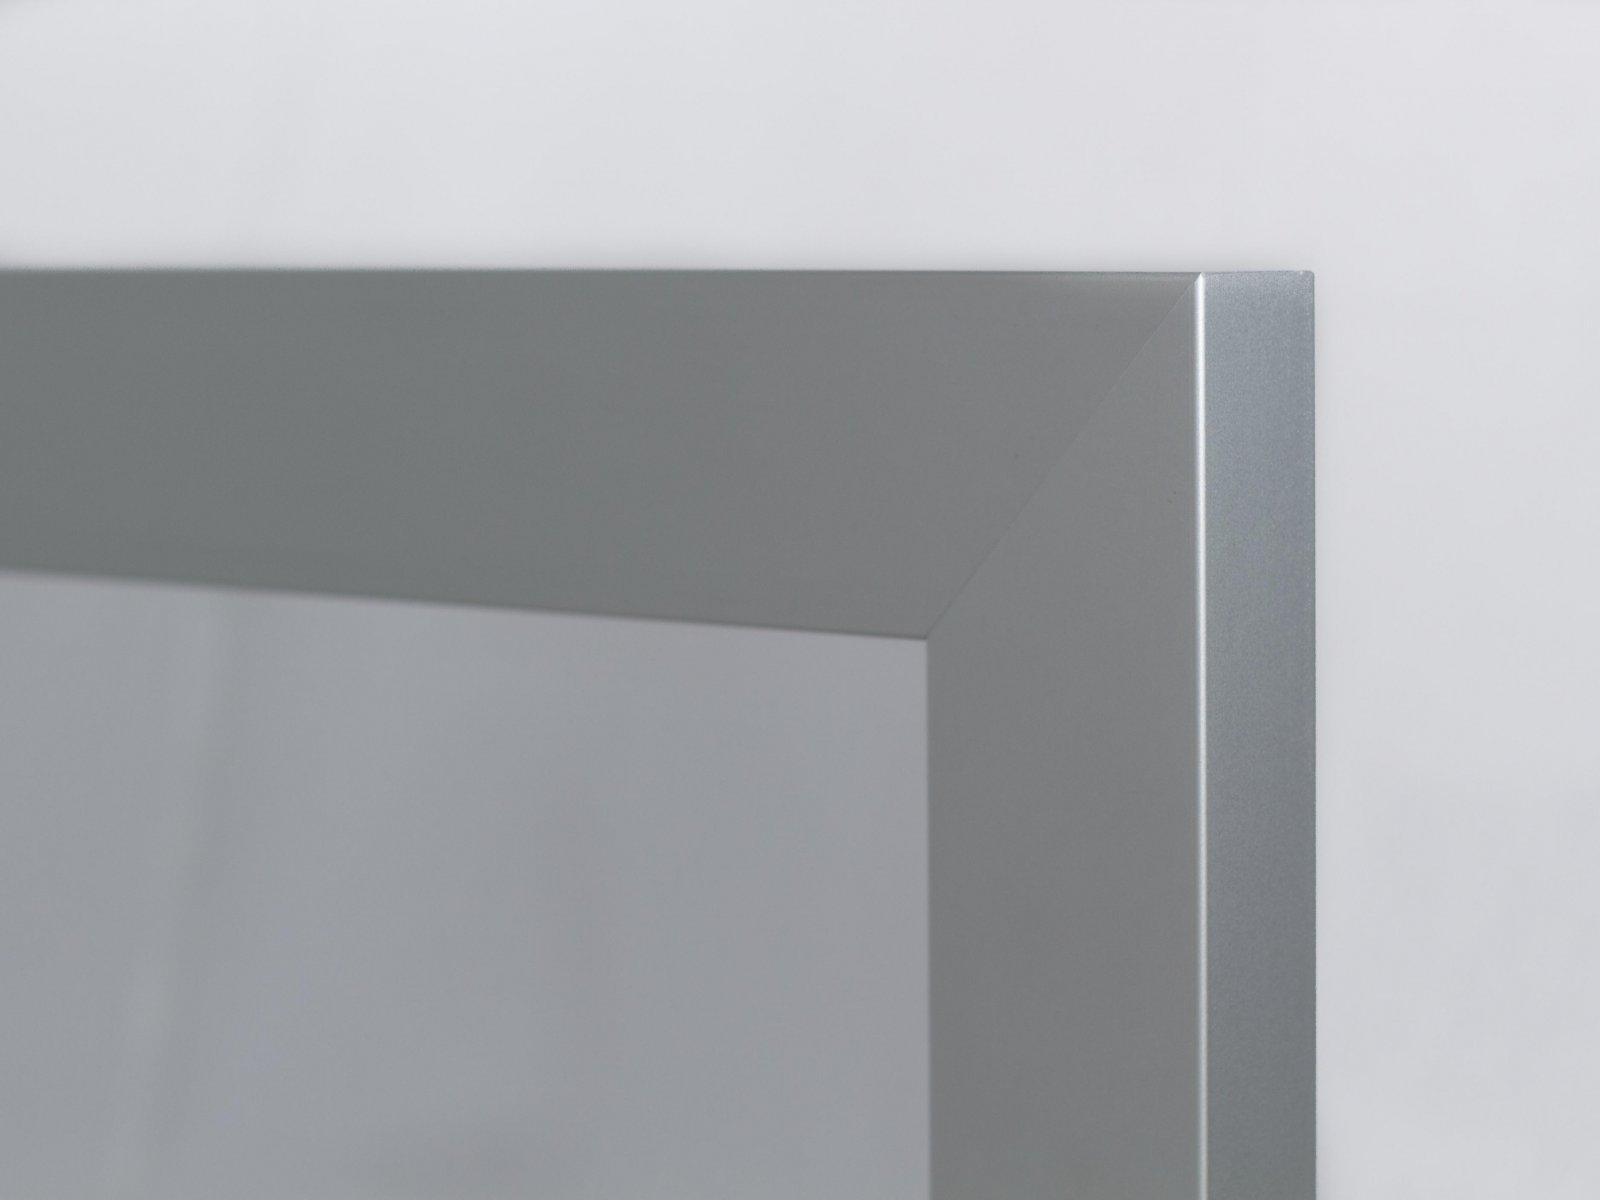 Porta-9 (Perfil V02 mate + vidro fosco)